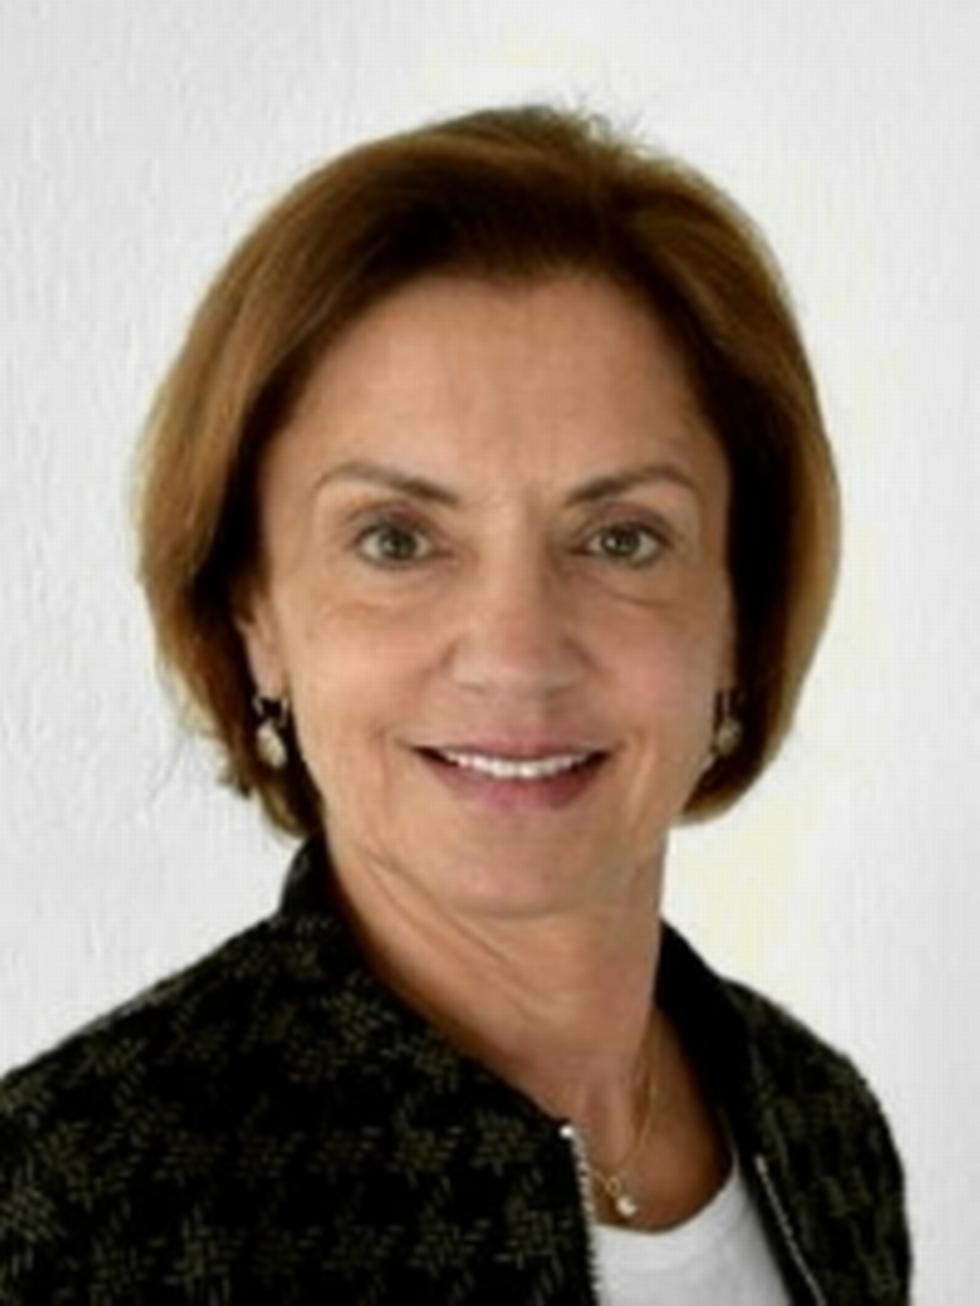 Ingrid Spiller